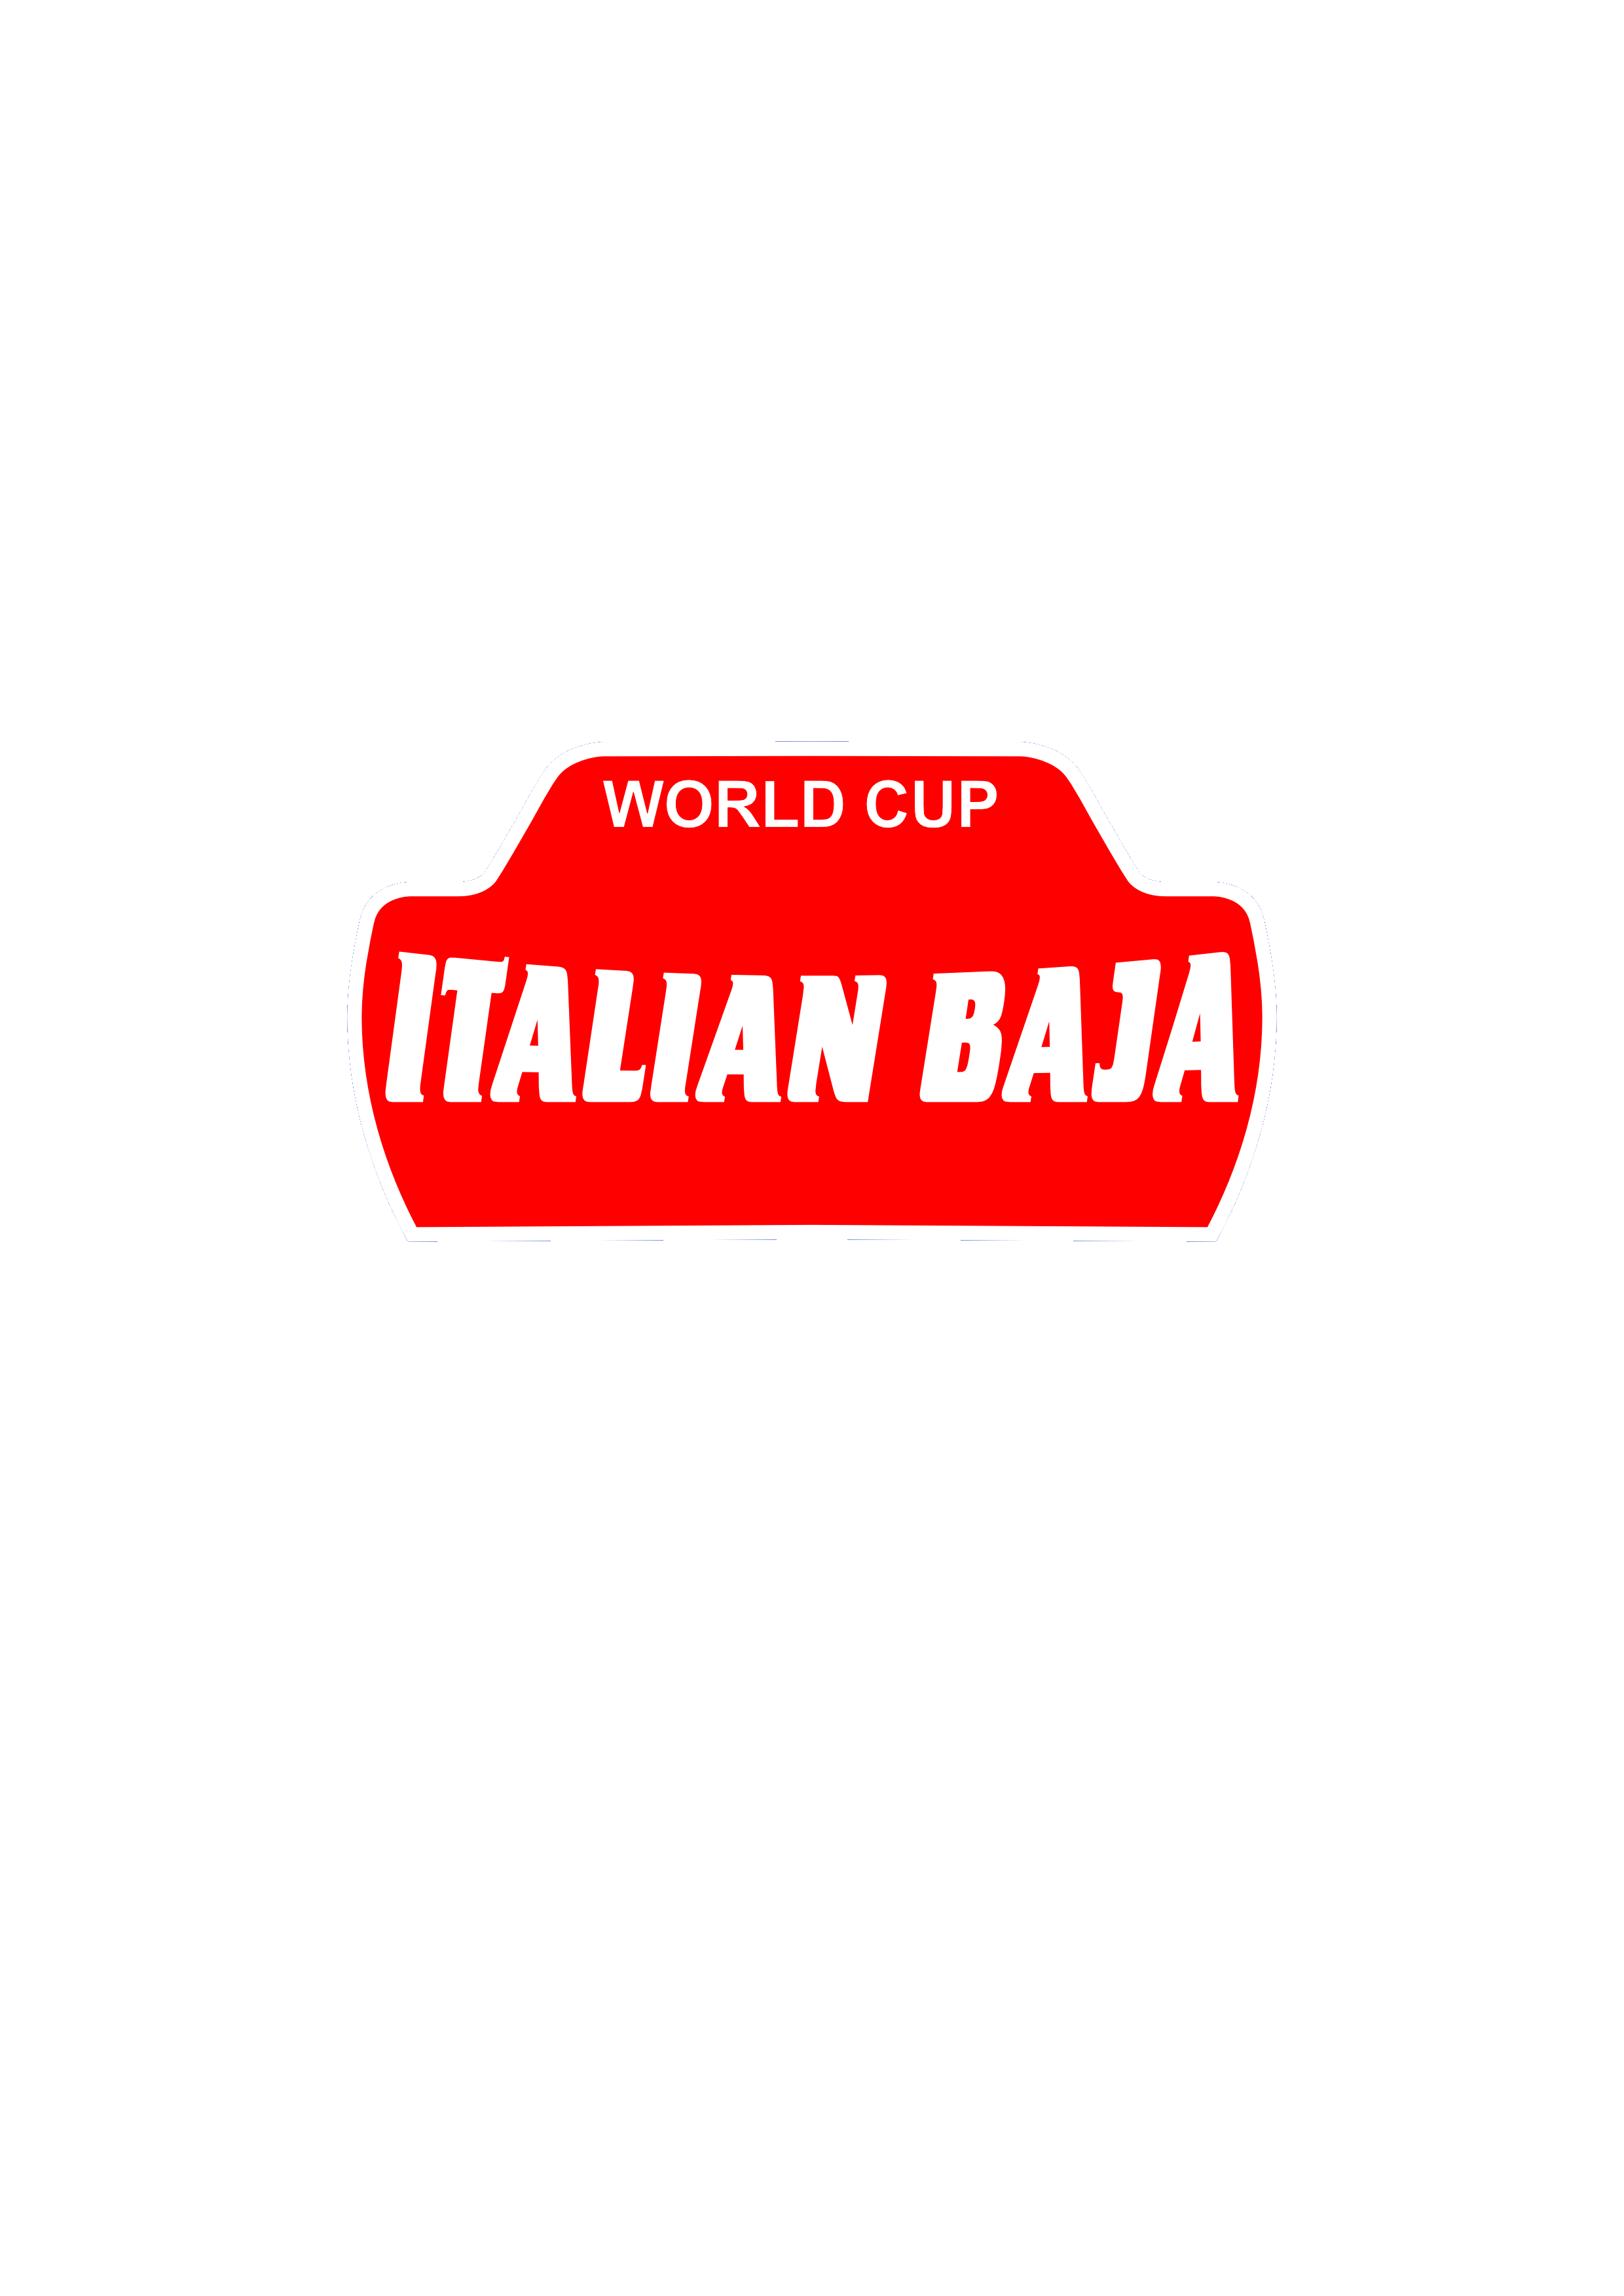 ITALIAN BAJA